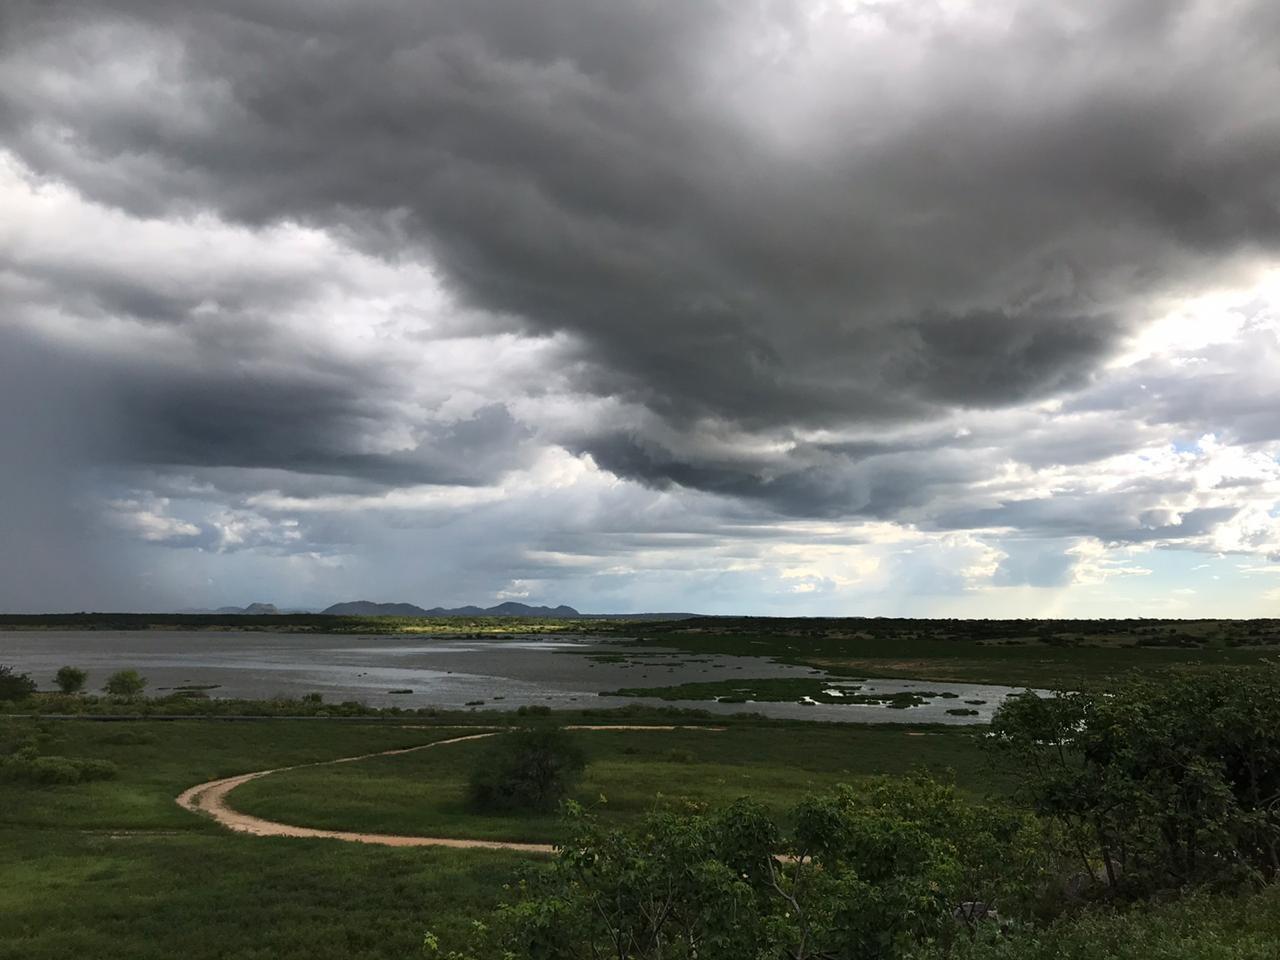 Volume total dos reservatórios do RN se mantém em 55% em novo relatório do Igarn